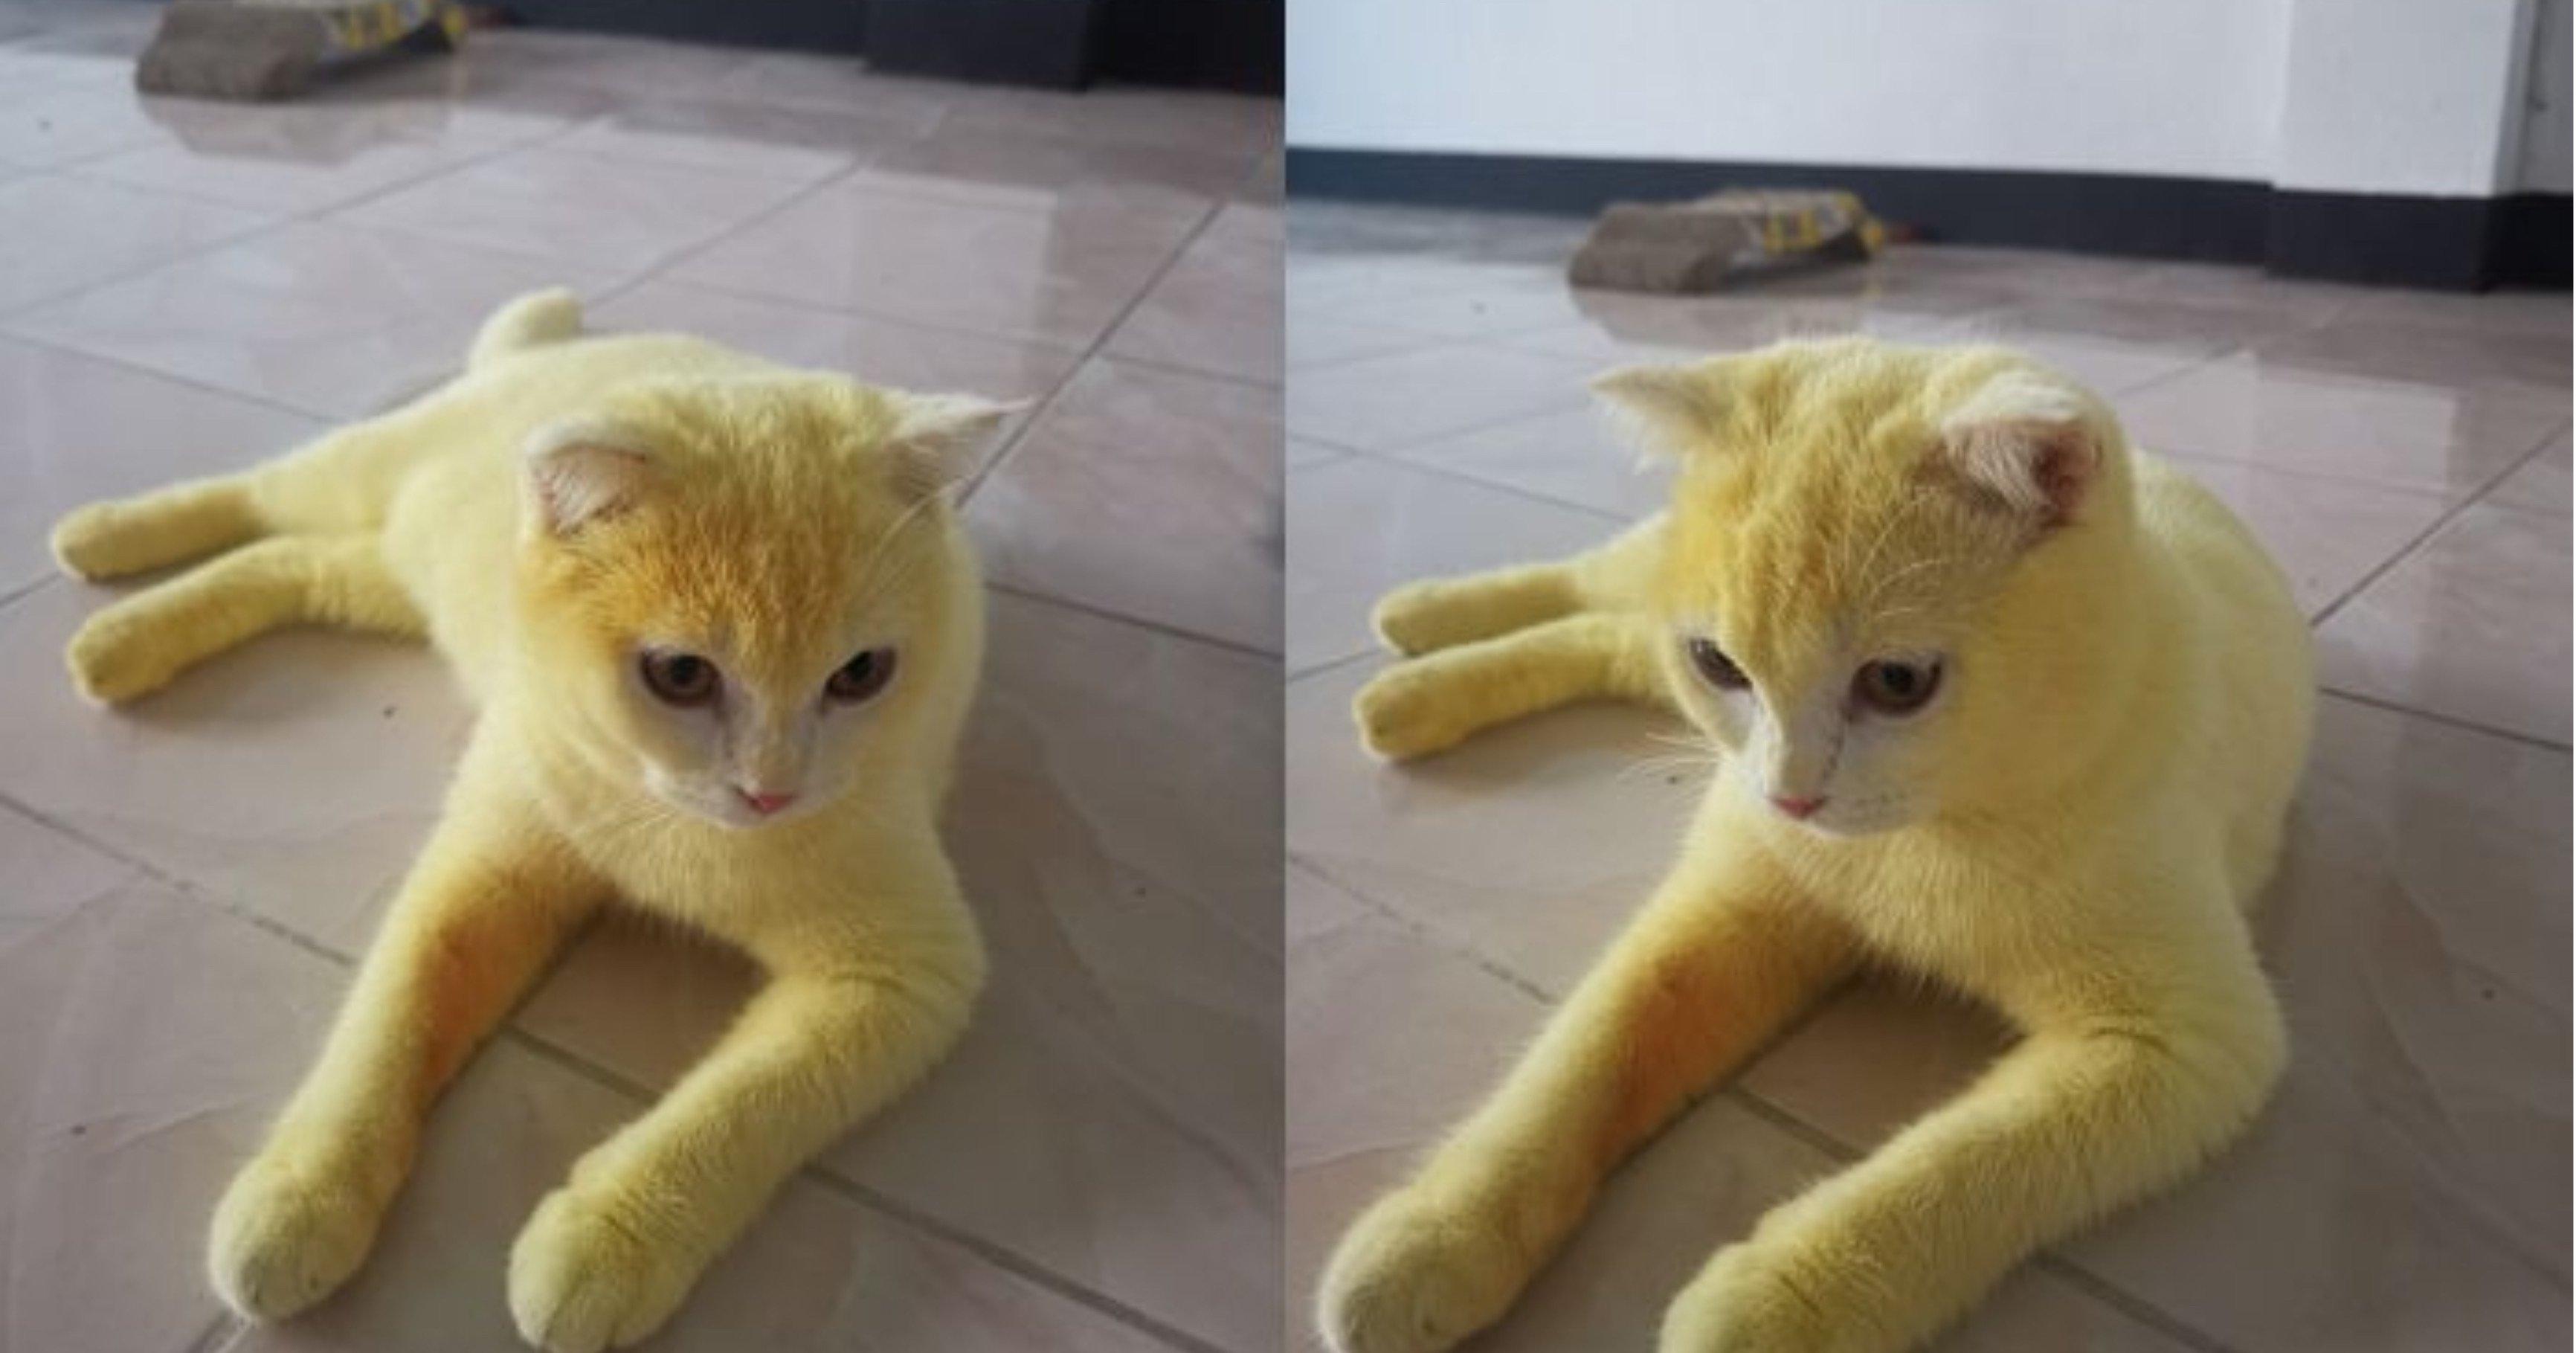 """eab3a0ec9691ec9db4 ec8db8eb84ac.jpg?resize=412,275 - """"억울해요...""""...고양이의 온몸을 노랗게 염색해 동물 학대라 욕먹은 집사가 전한 진짜 이유"""